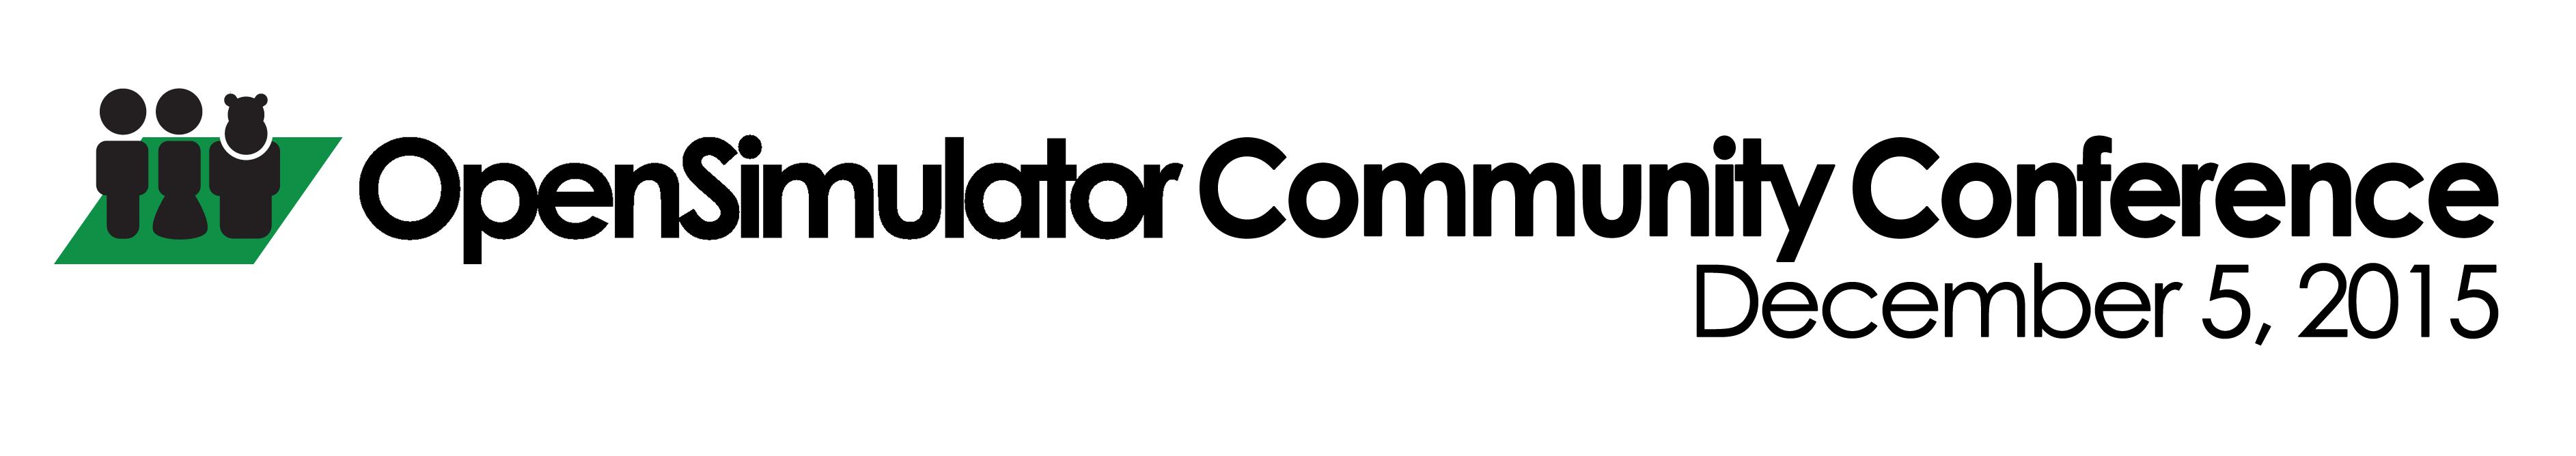 OSCC15 Logo